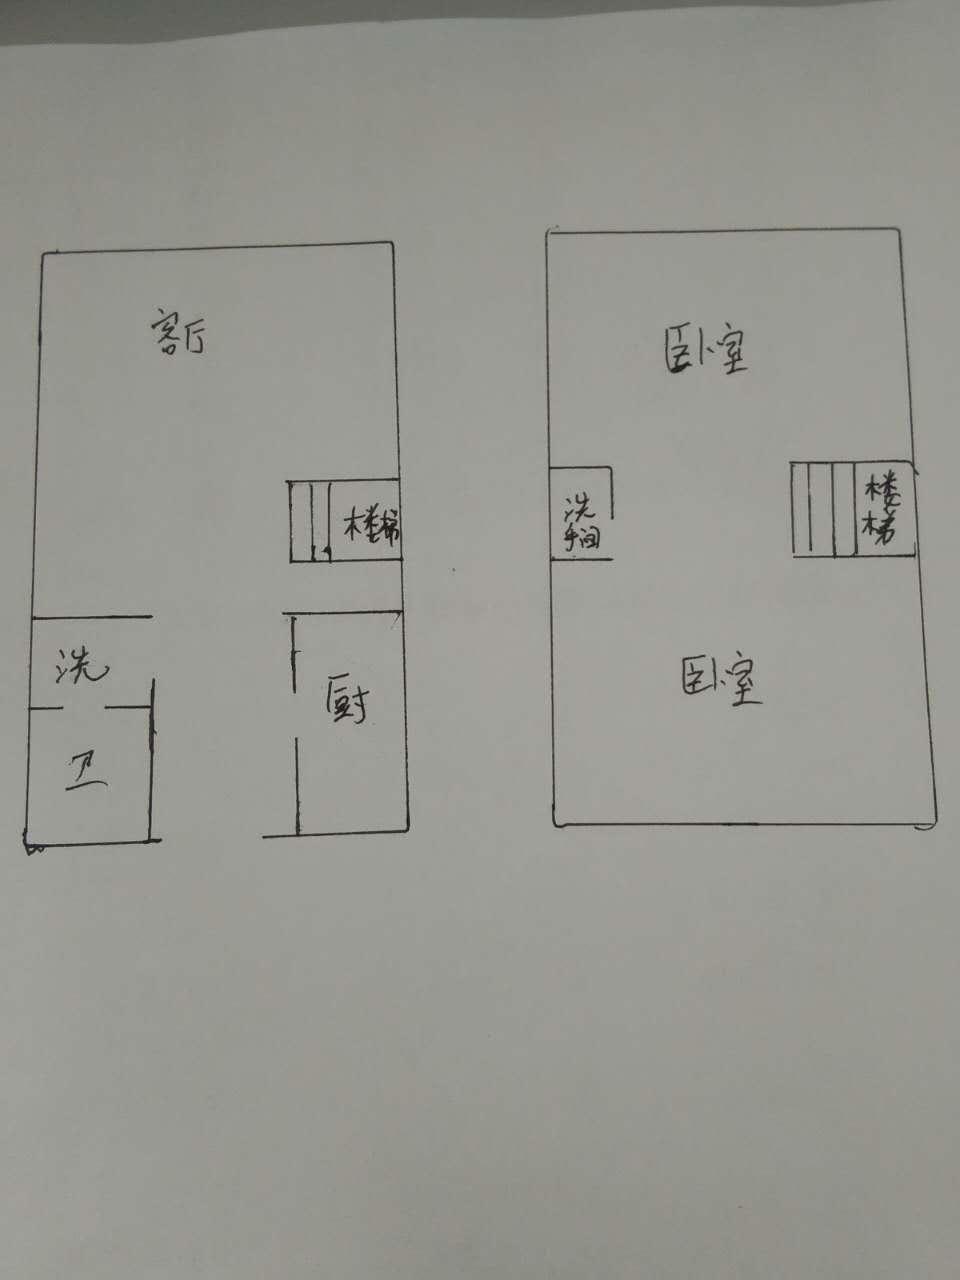 未来城 2室1厅 7楼